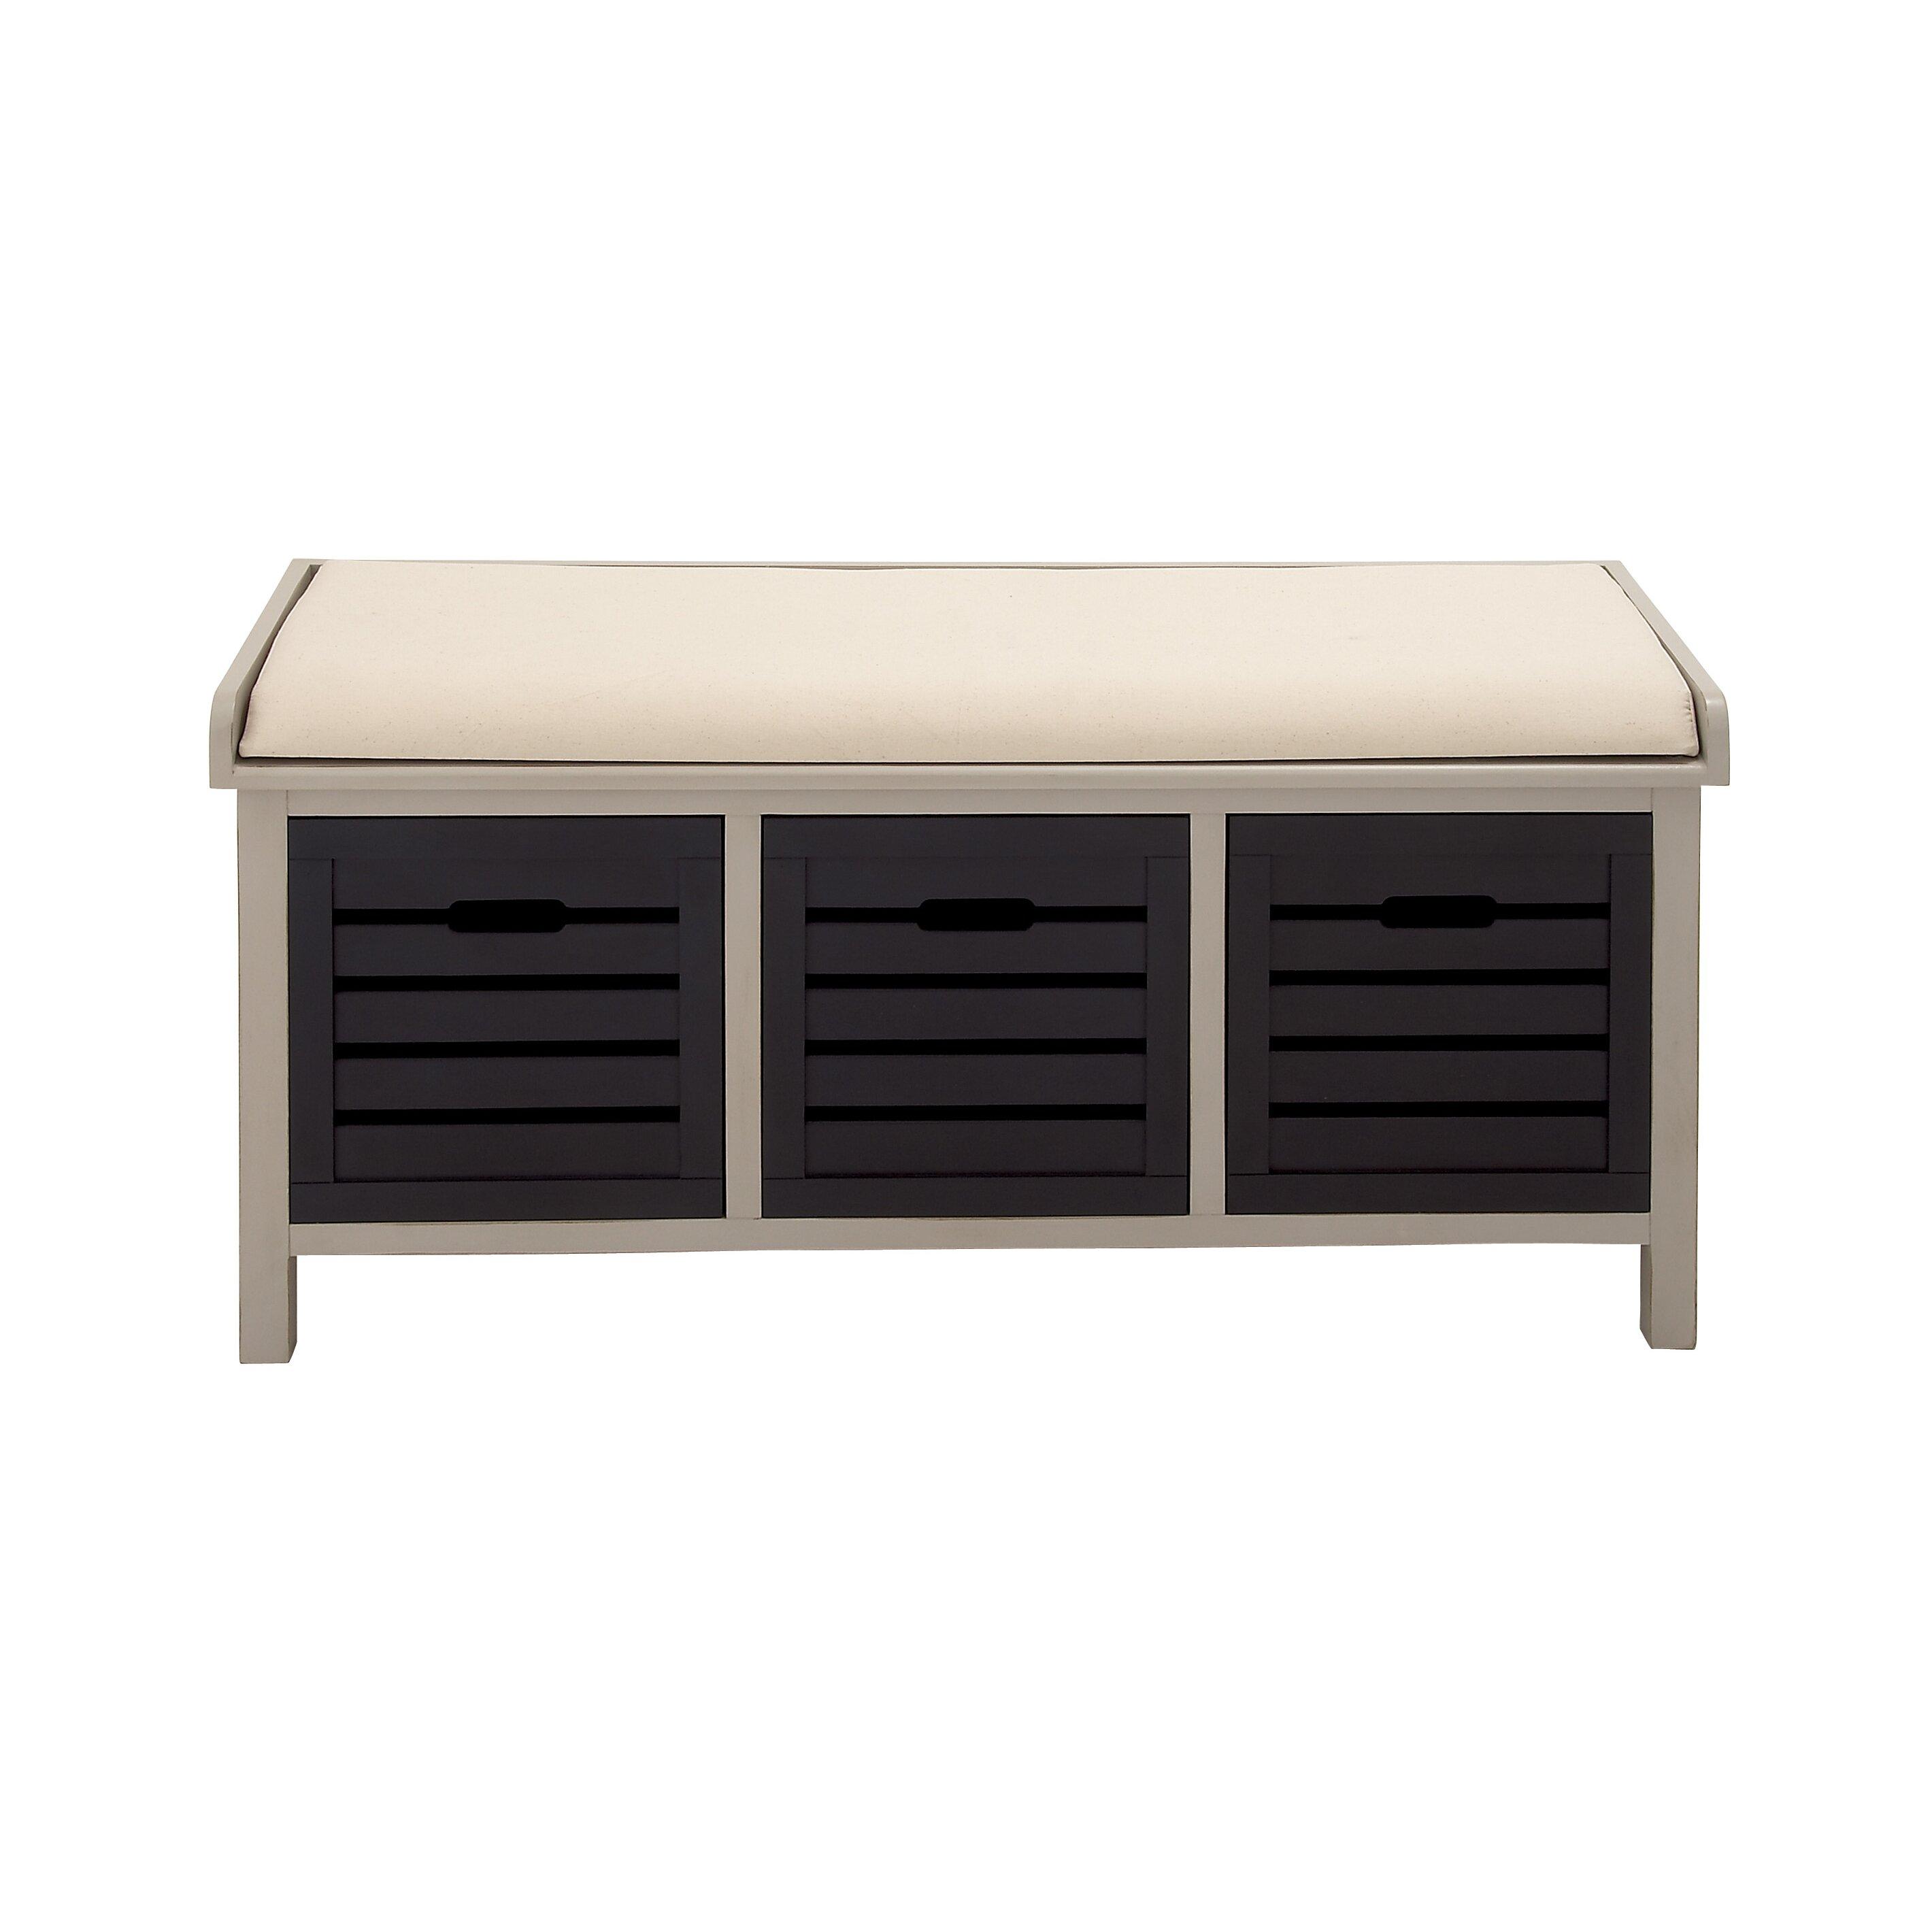 wood storage bedroom bench wayfair. Black Bedroom Furniture Sets. Home Design Ideas